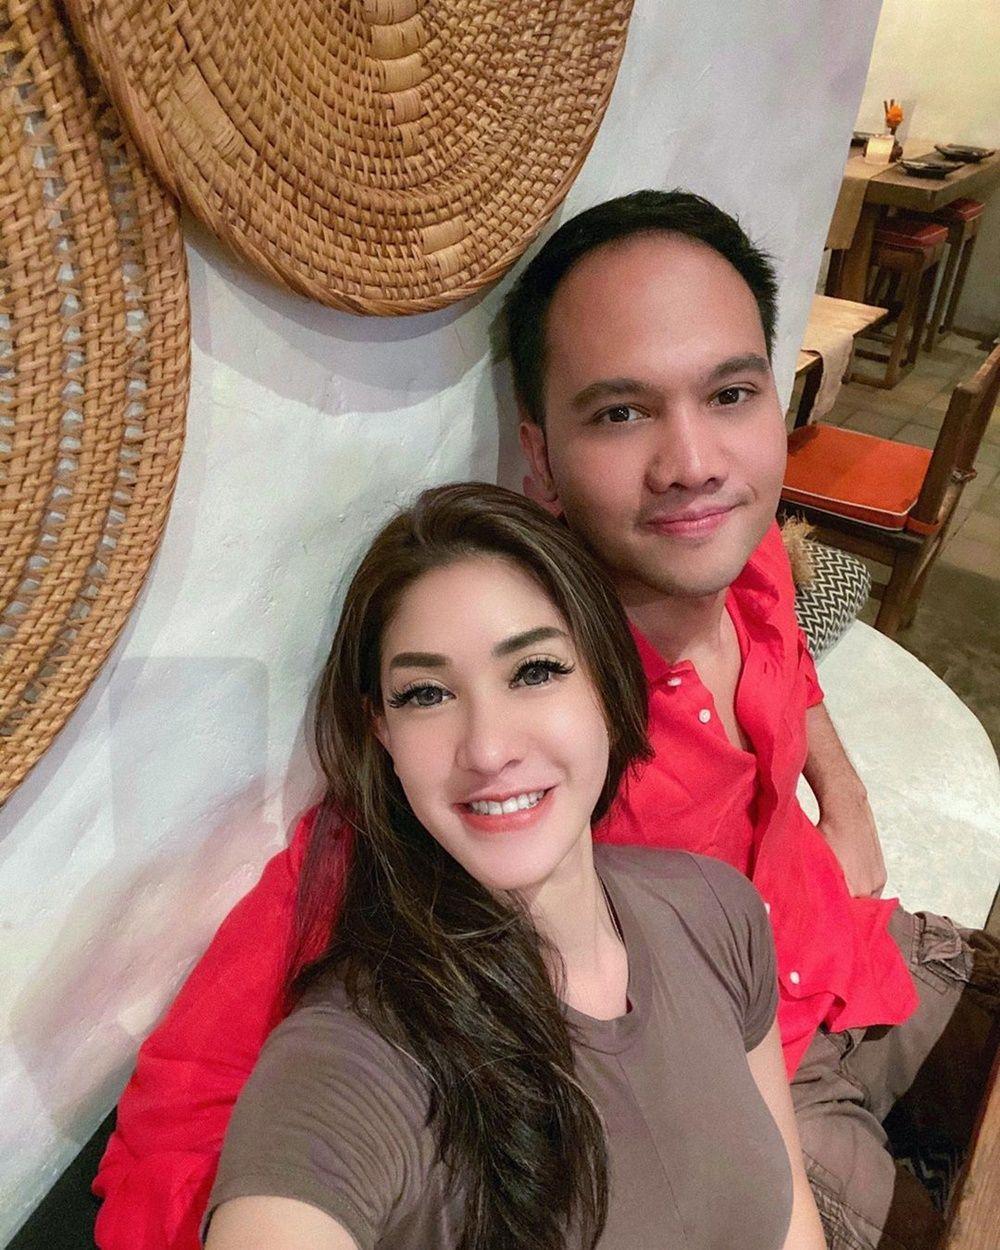 Putus dari Kevin Aprilio, 9 Gaya Pacaran Elma Agustin & Kekasih Baru